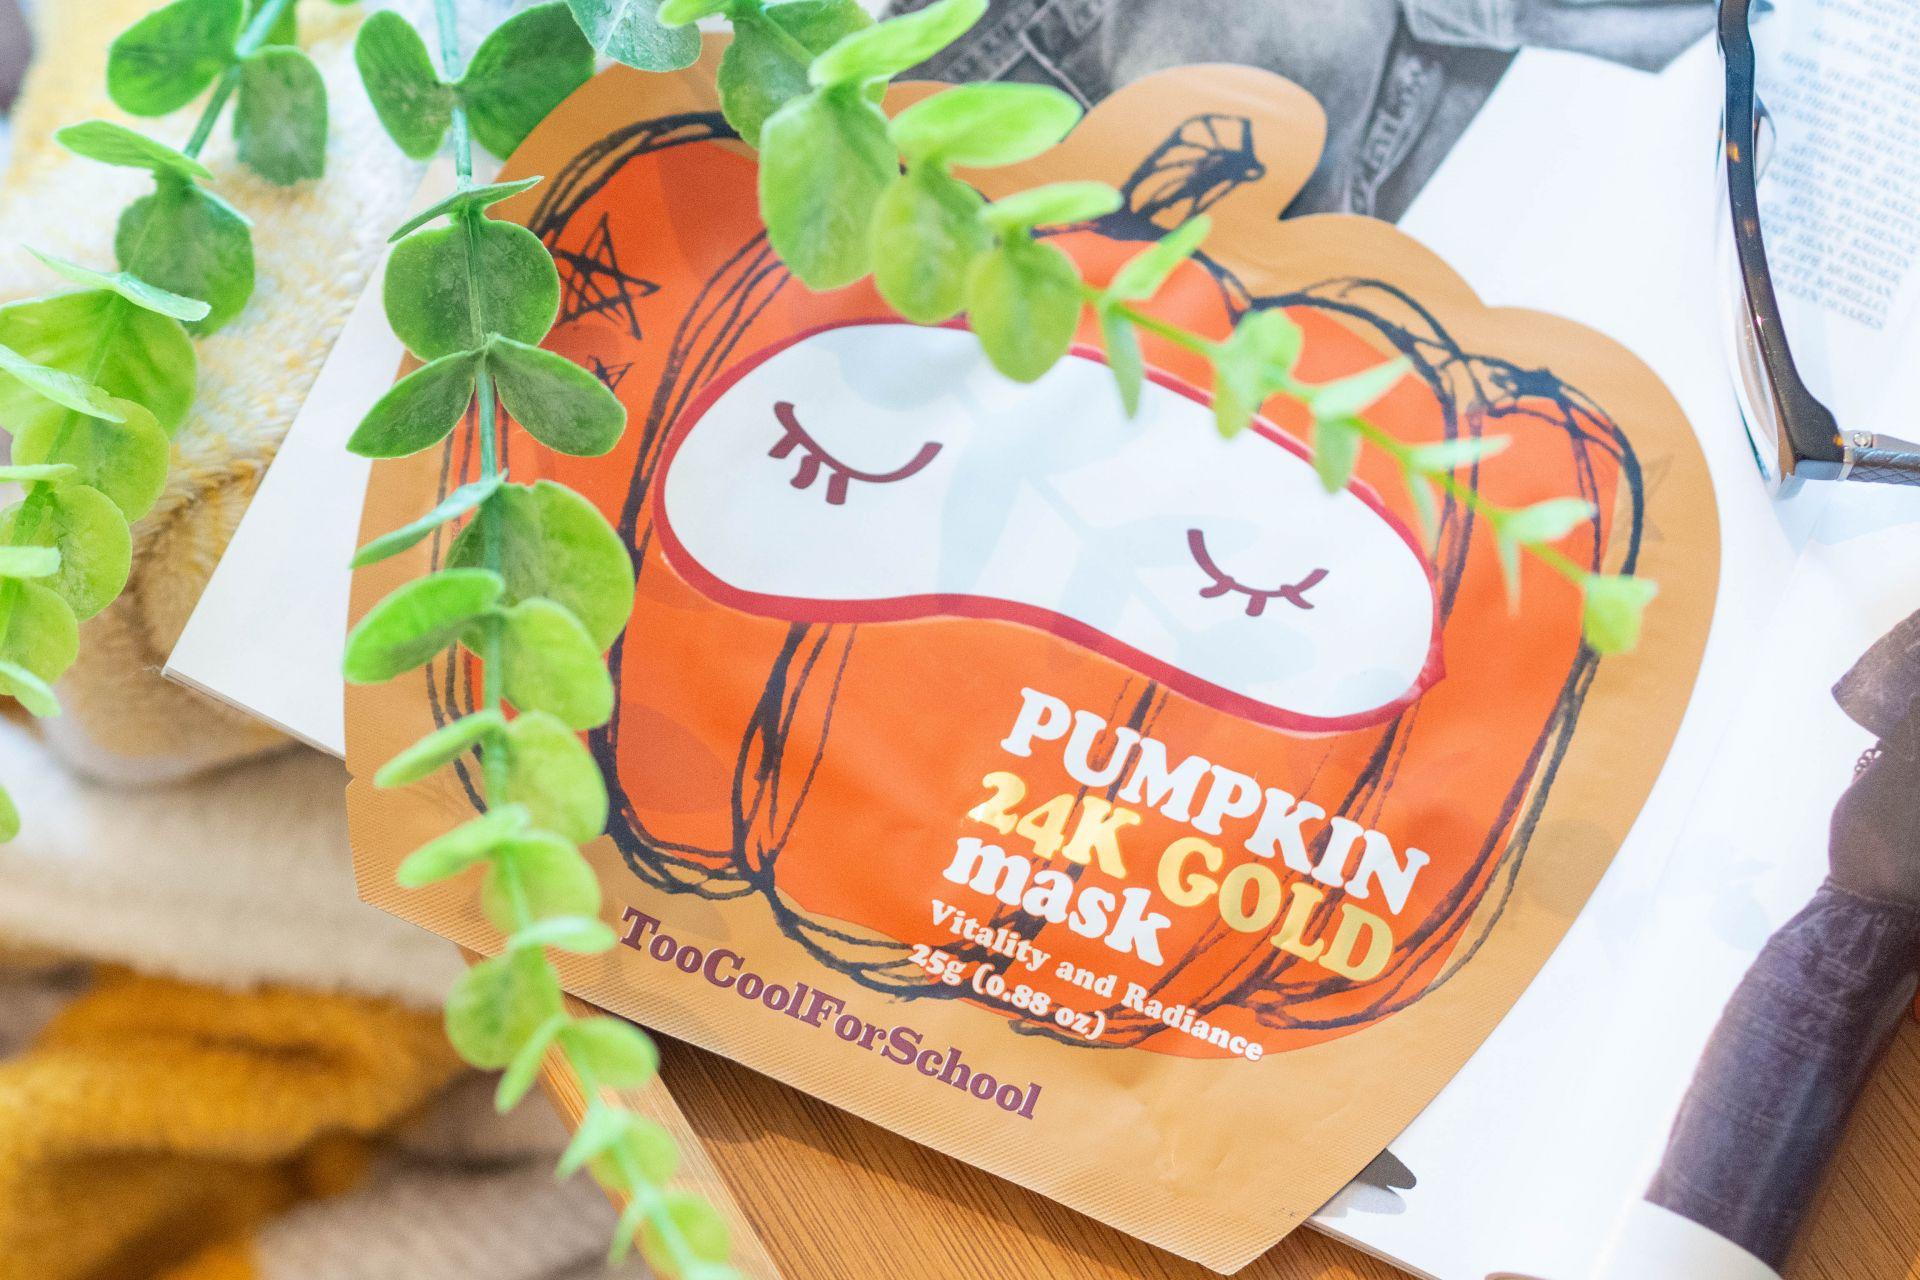 Pumpkin 24K Gold Mask